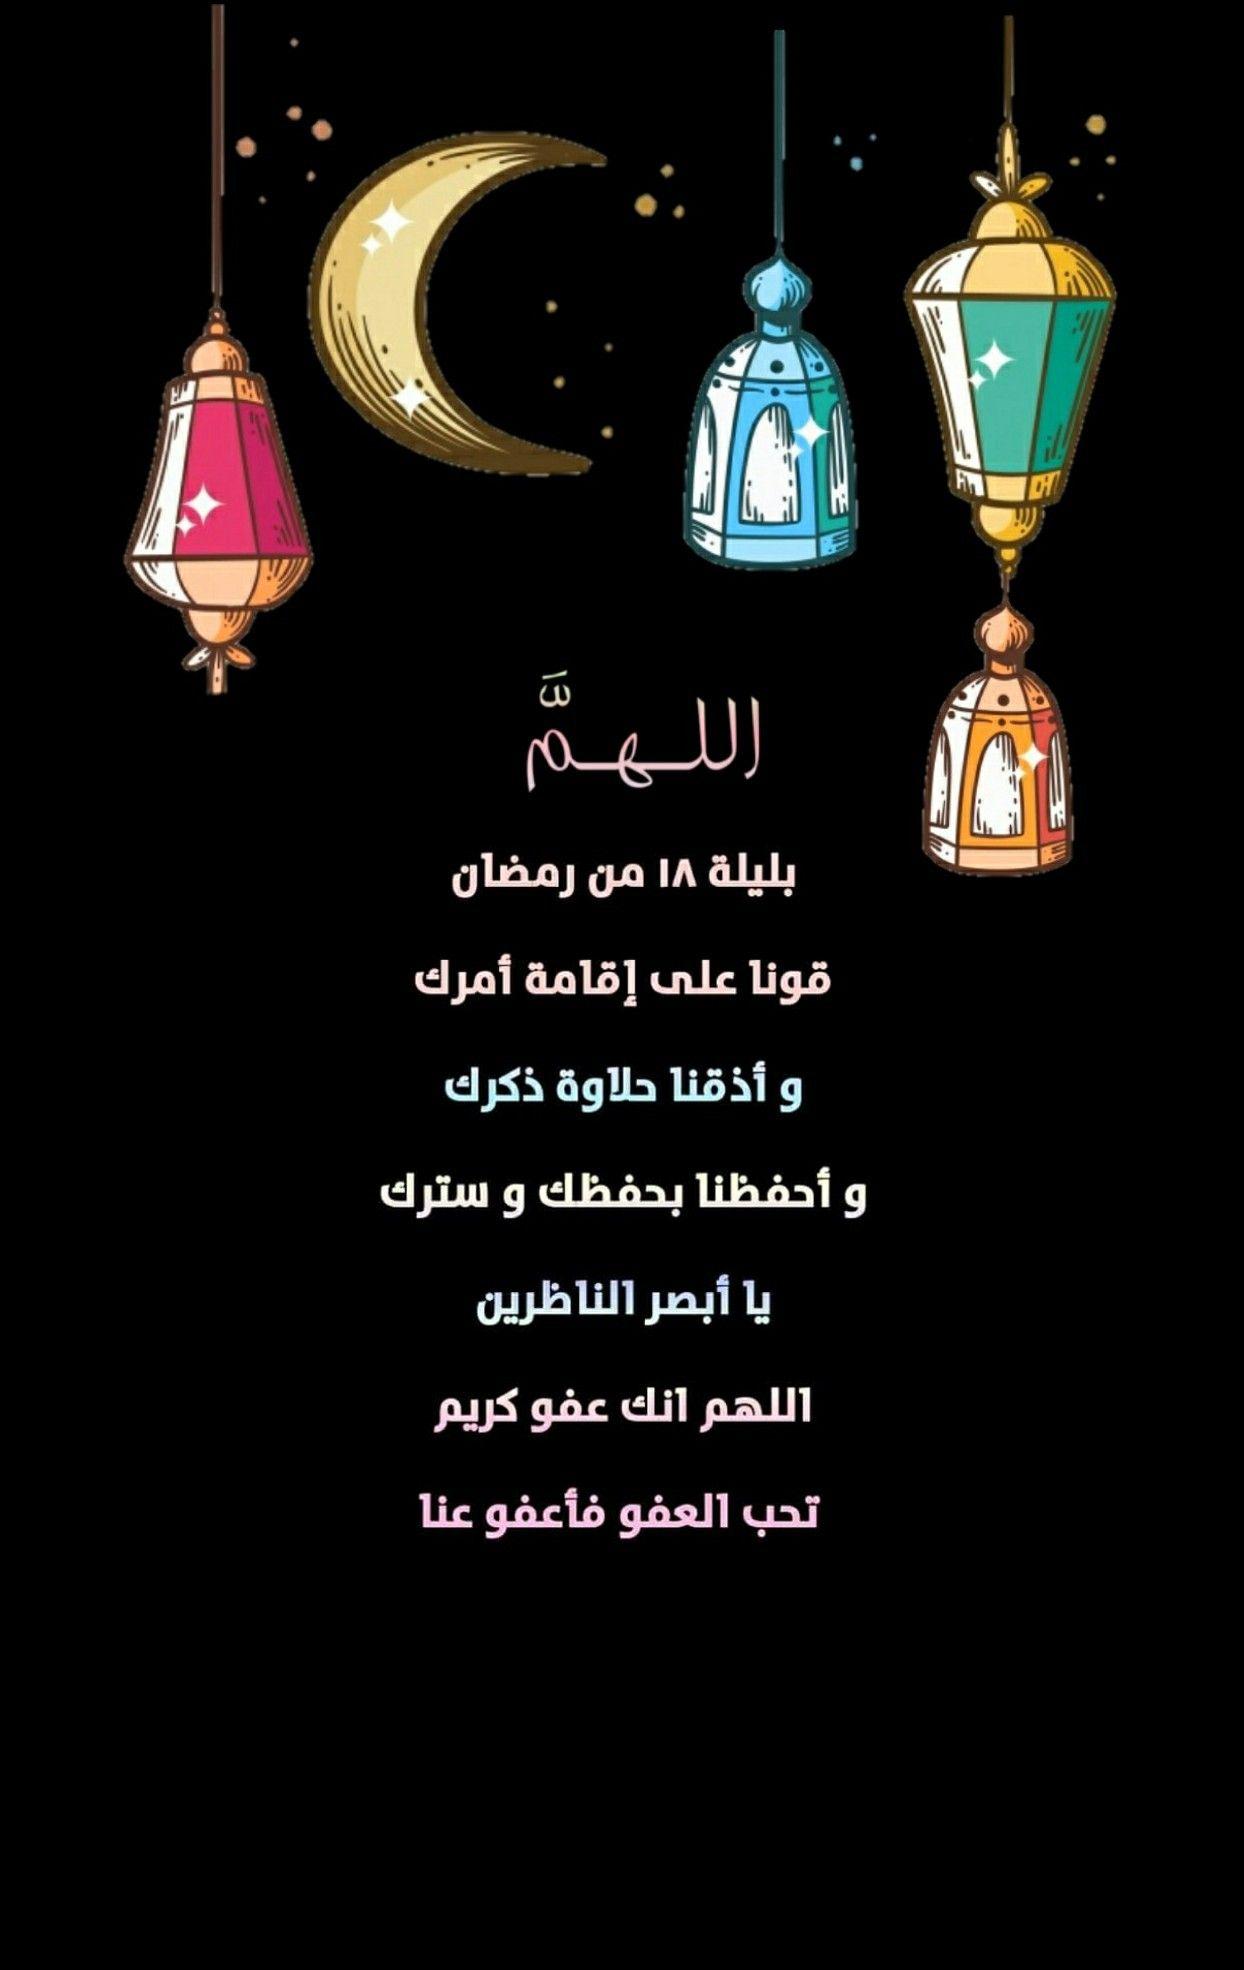 اللهــــم بليلة ١٨ من رمضان قونا على إقامة أمرك وأذقنا حلاوة ذكرك وأحفظنا بحفظك وسترك يا أبصر الناظري Ramadan Cards Ramadan Greetings Ramadan Decorations